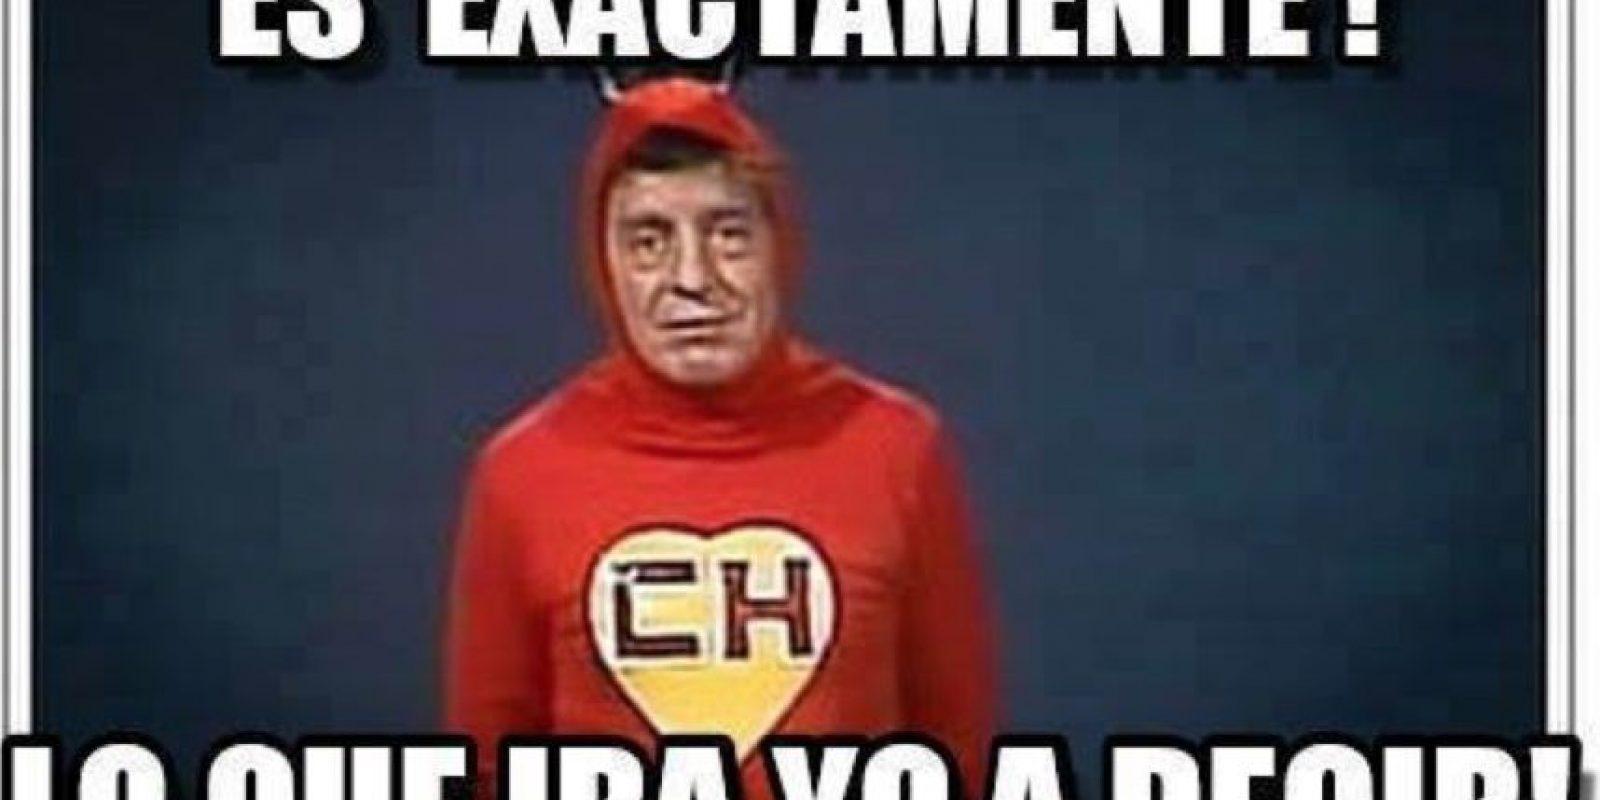 """Tal y como lo hacía """"Chespirito"""" en sus programas Foto:Roberto Gómez Bolaños/Facebook"""